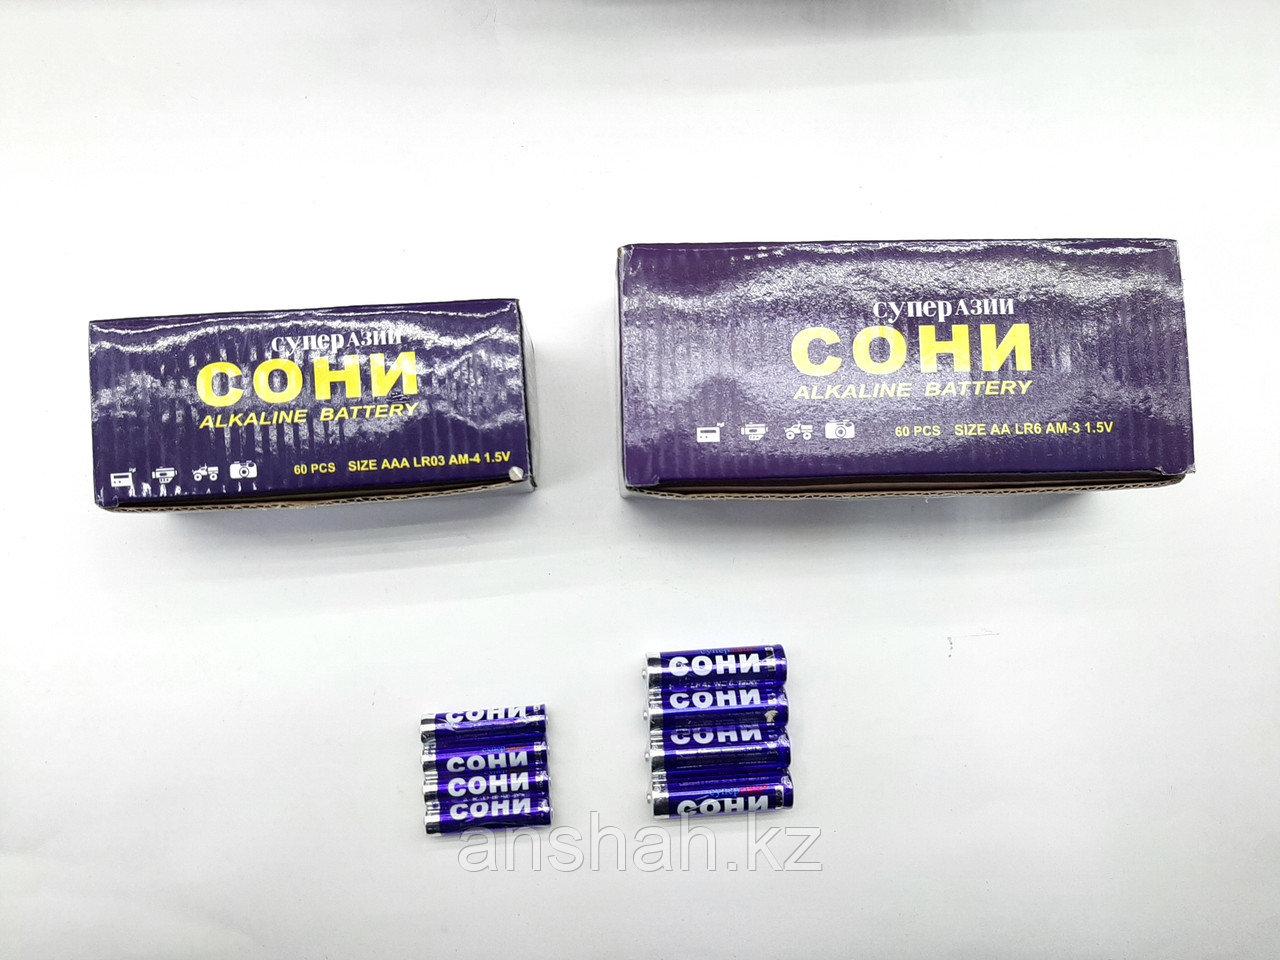 Батарейки Сони мизинчиковые 60 шт. в пачке